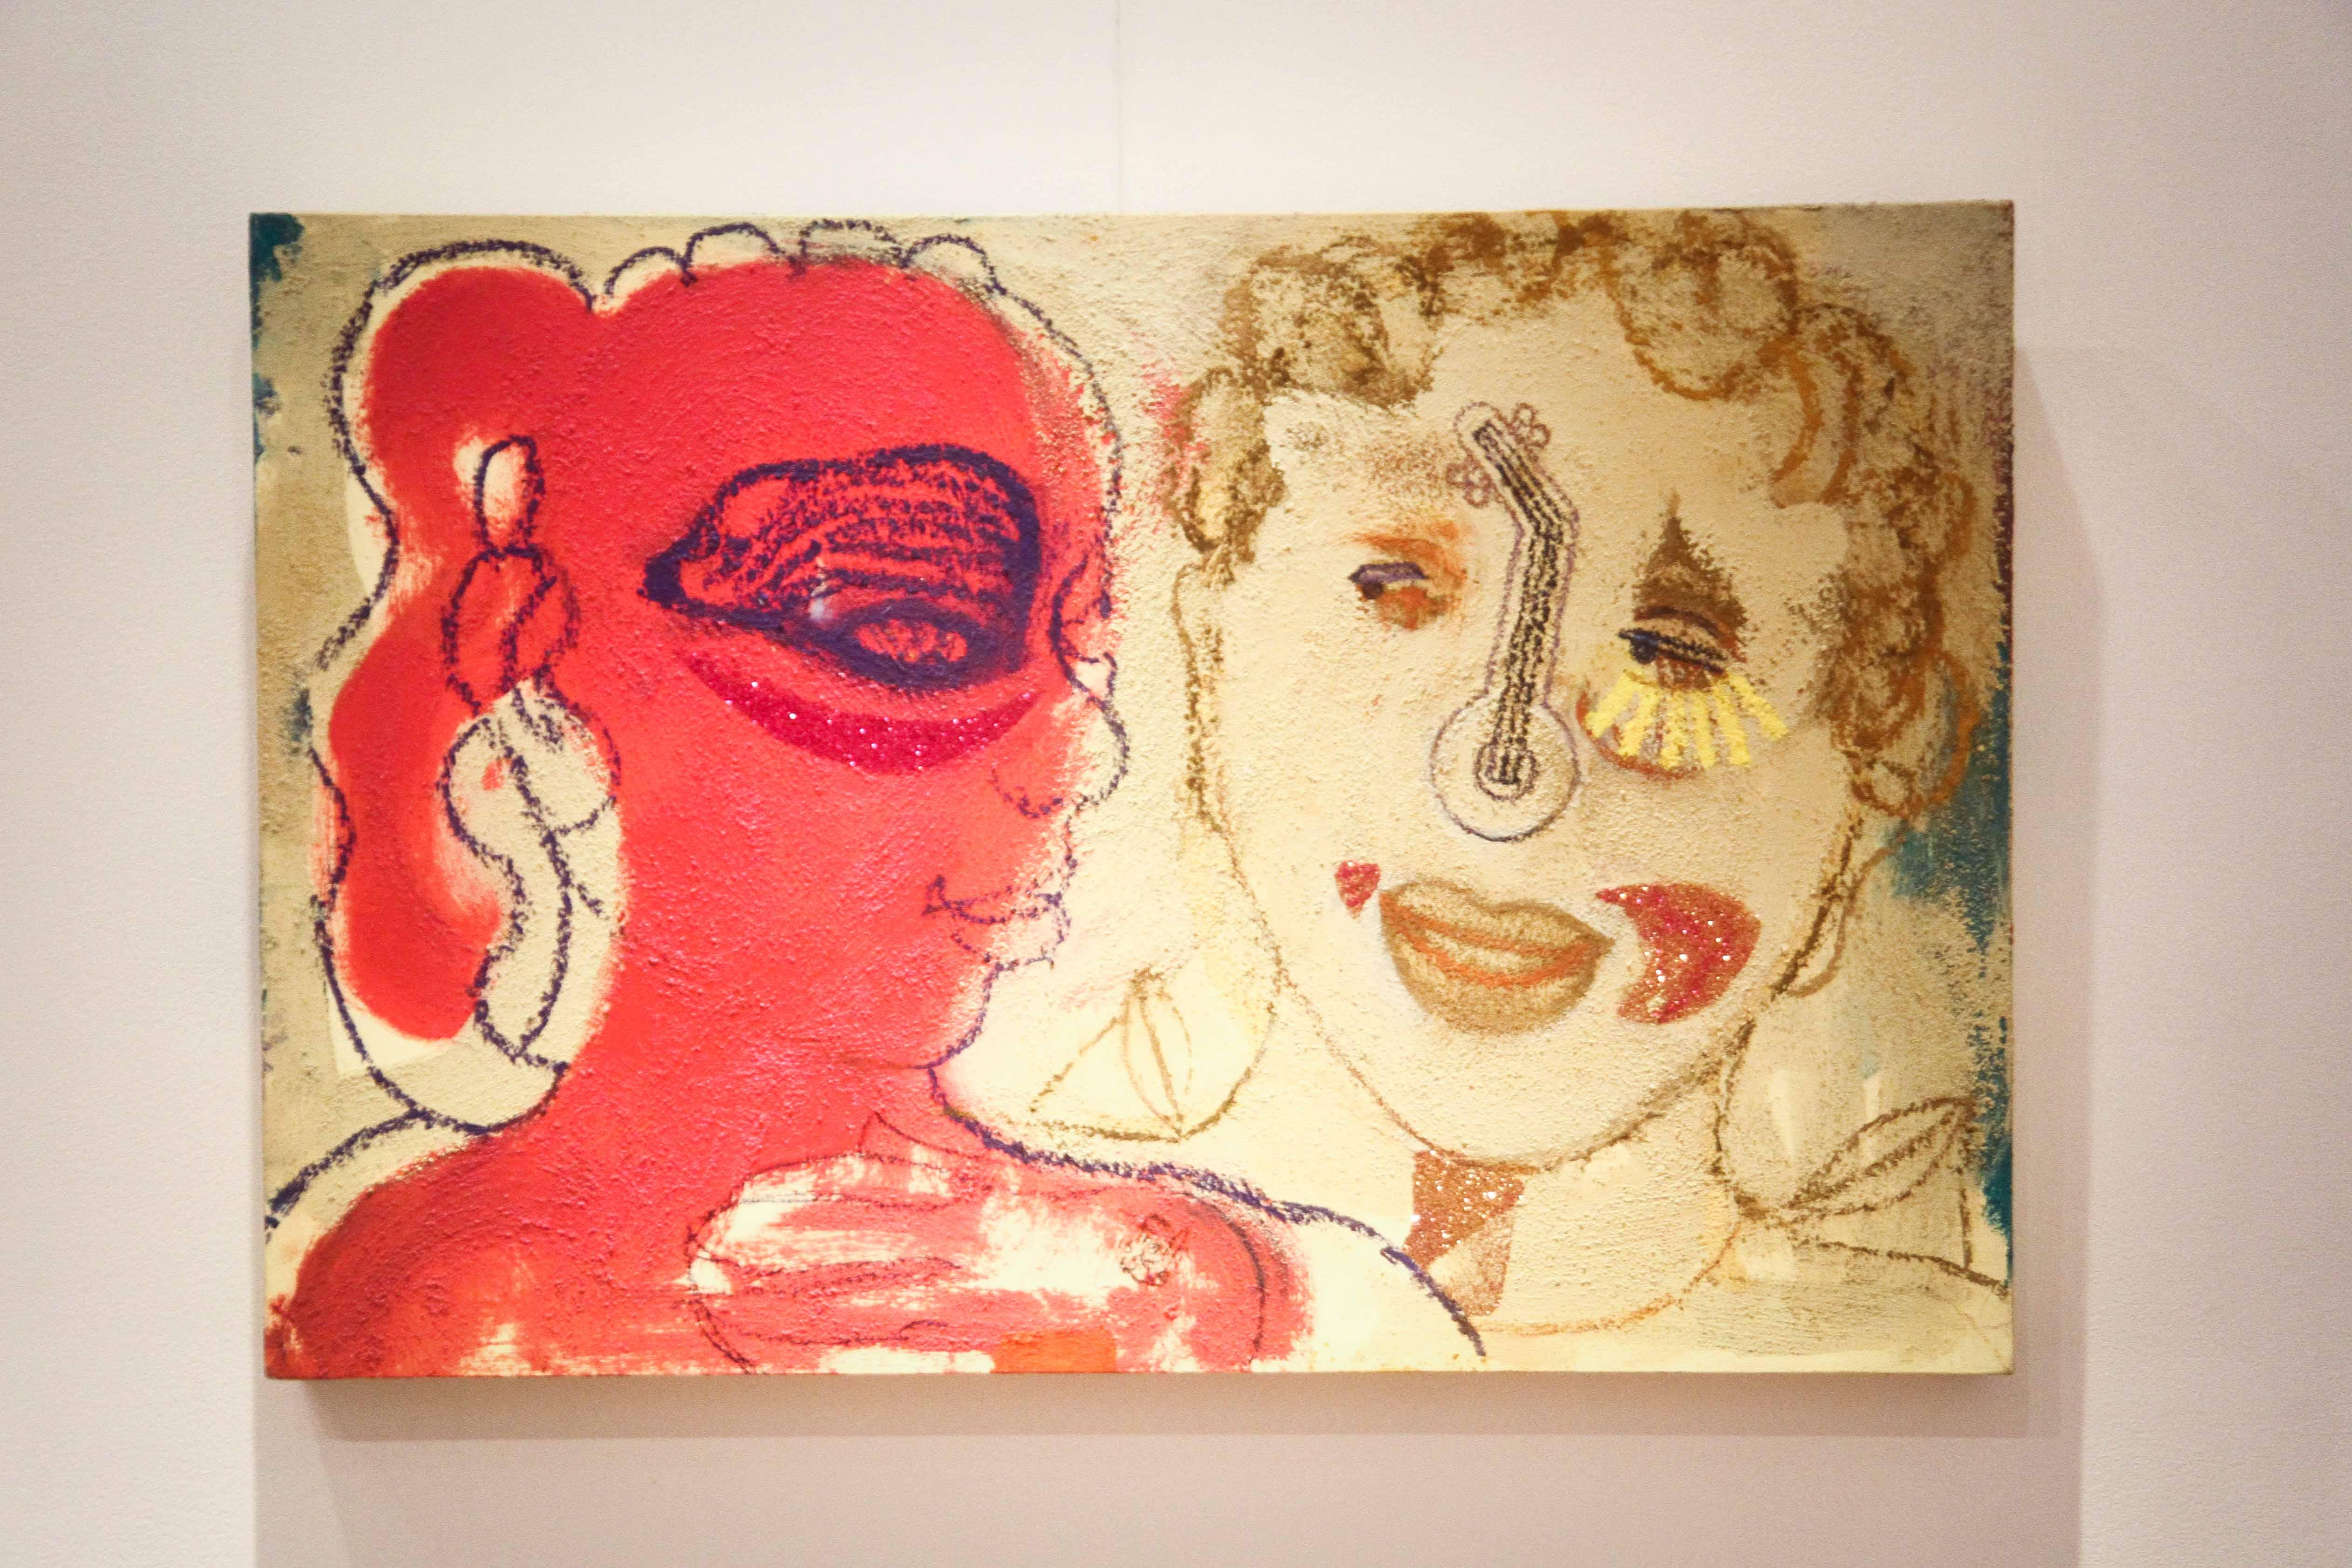 معرض مصر ستعاود العطاء للفنان فرغى عبد الحفيظ (3)